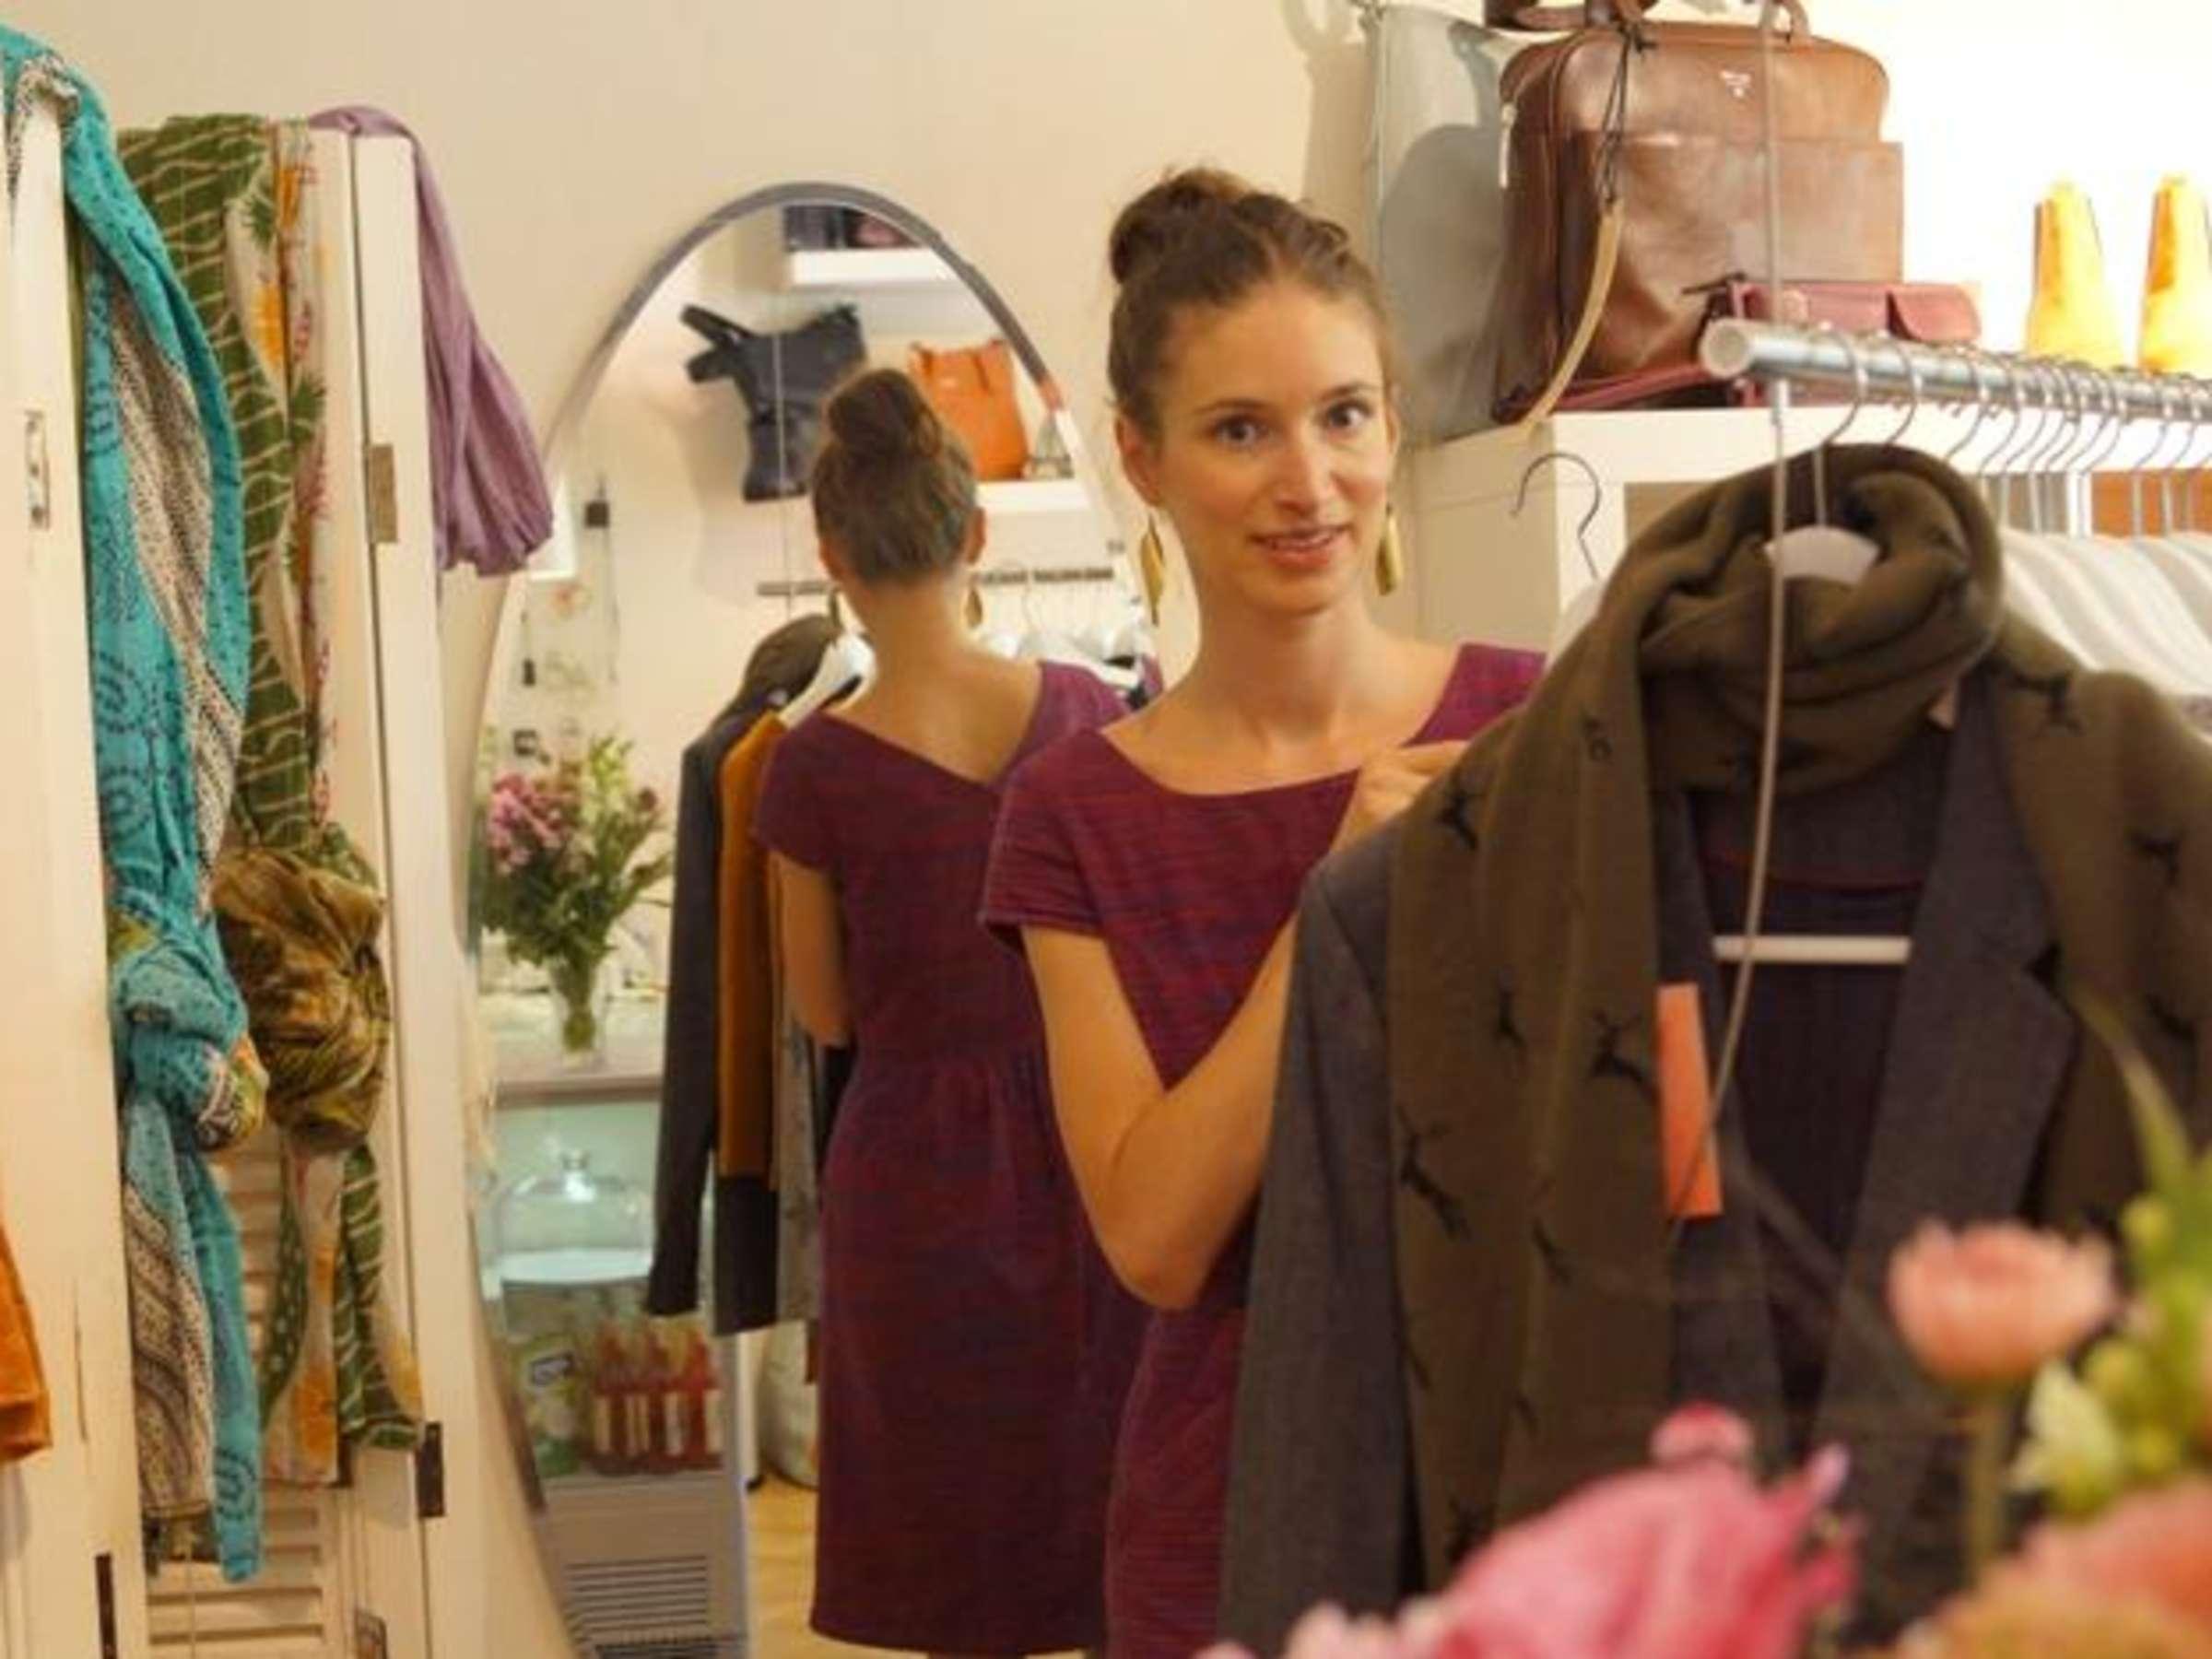 vegane mode-läden in münchen: ein Überblick